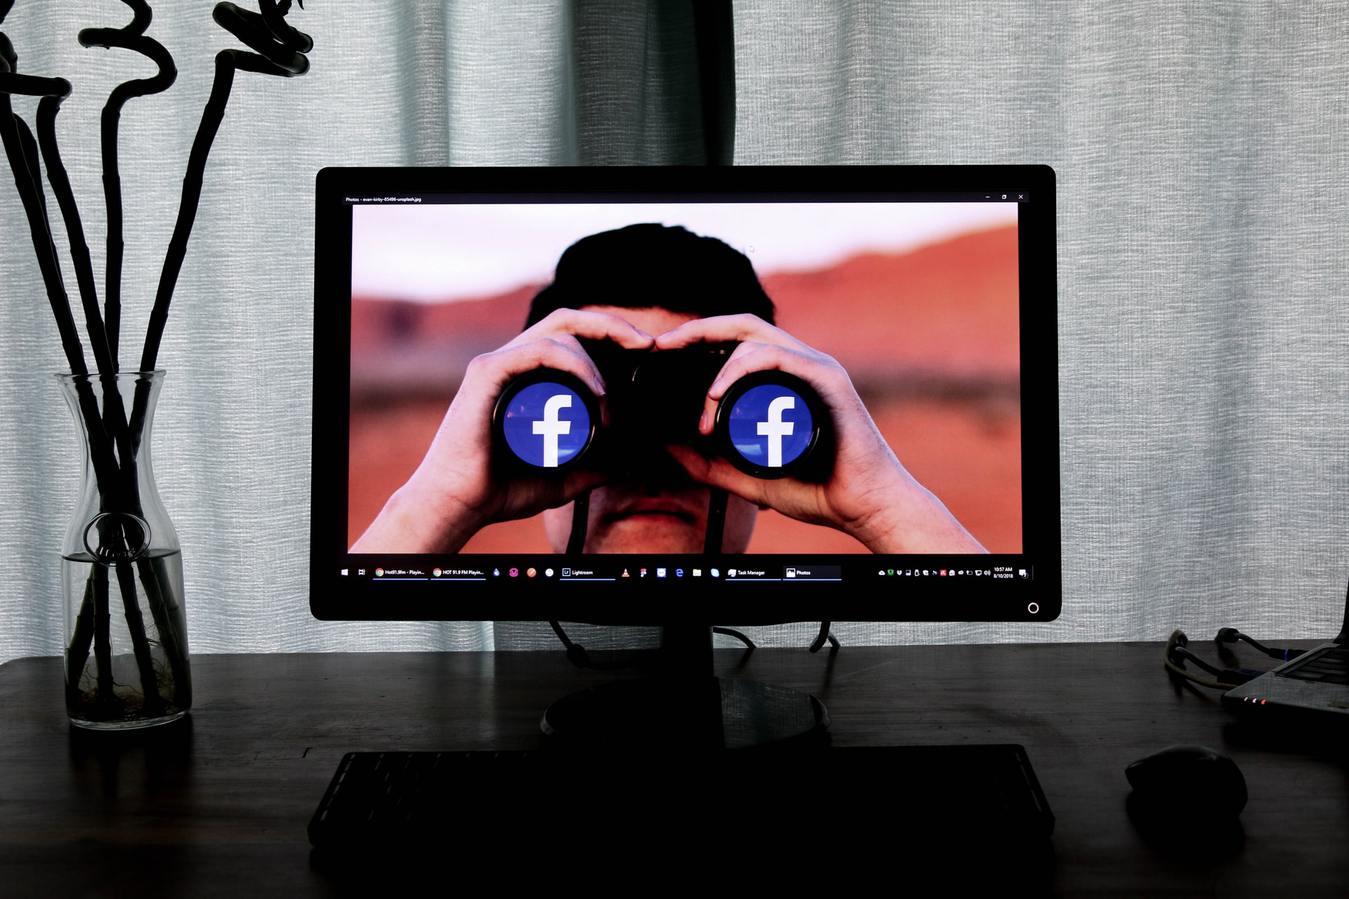 monitor de computador exibindo homem usando binóculos com o símbolo do facebook sobre as lentes